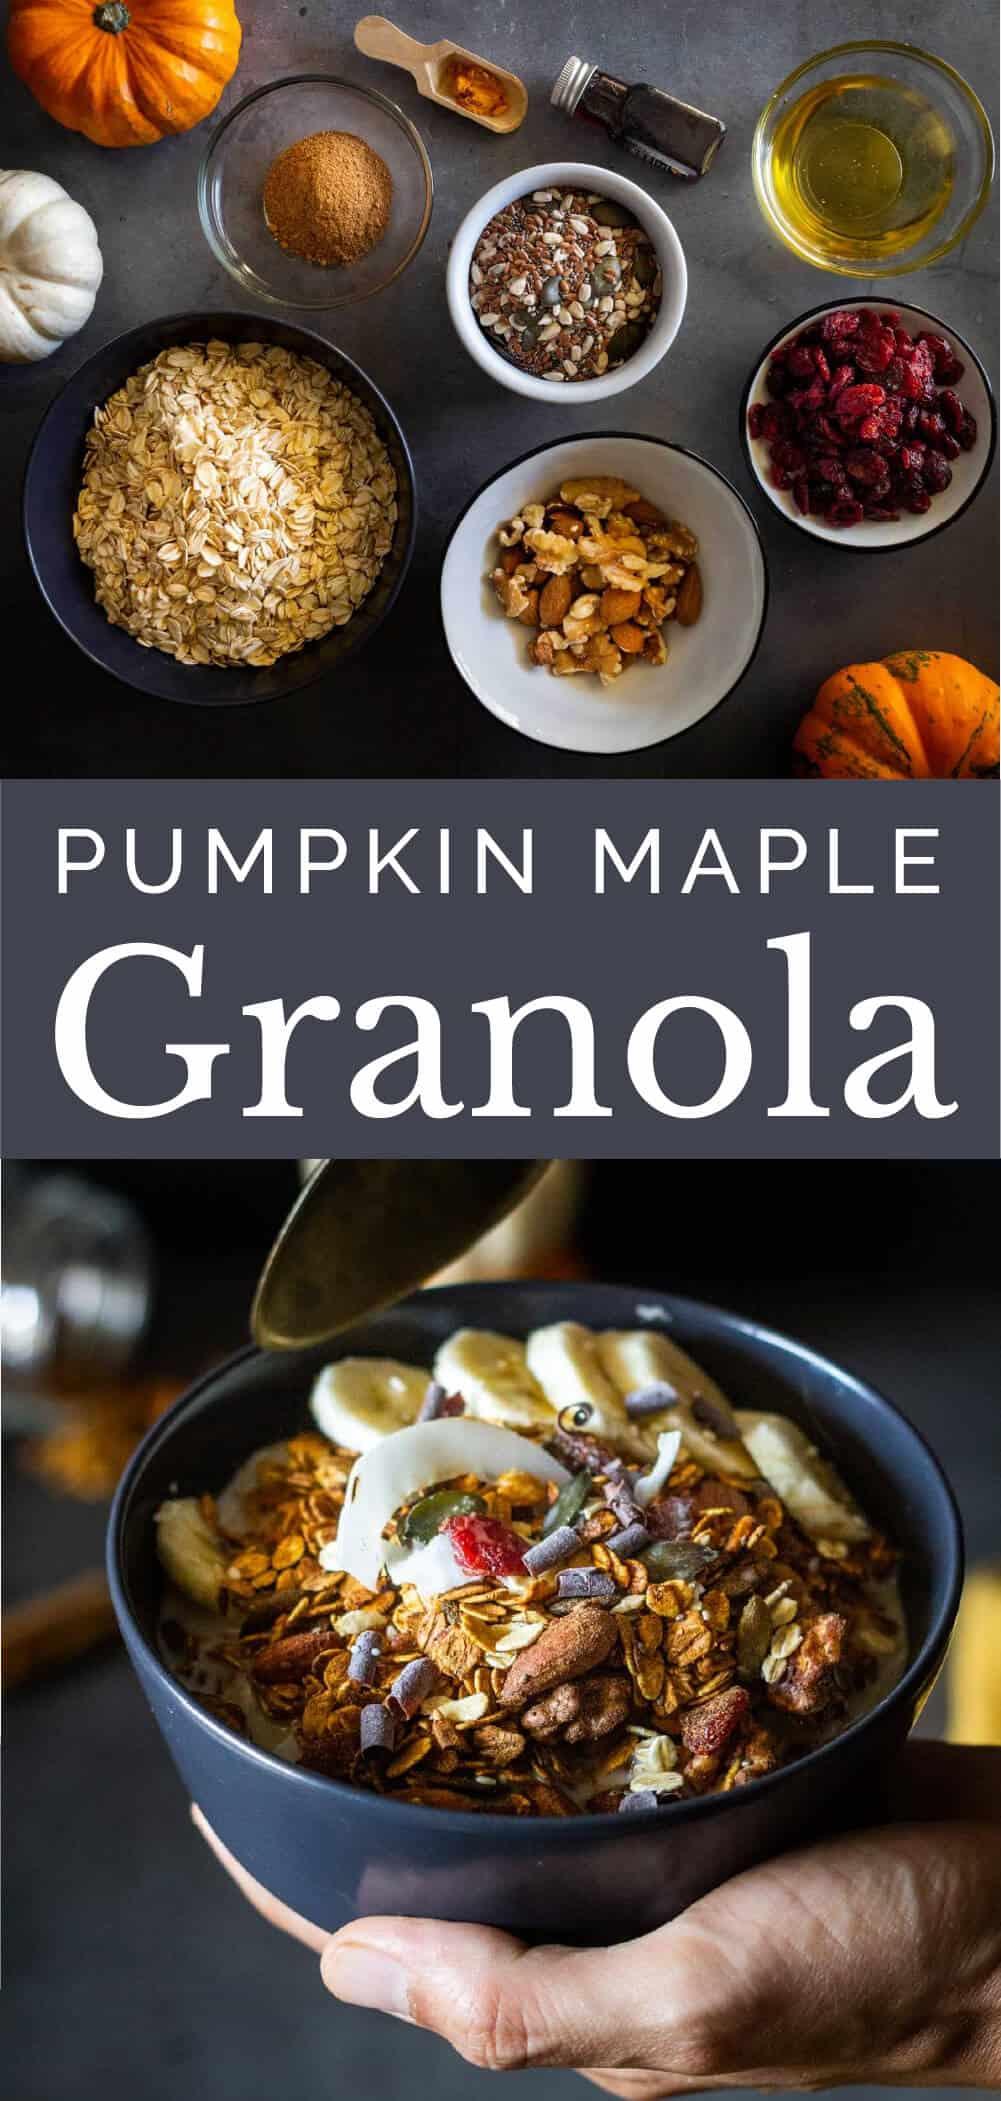 Pumpkin Maple Granola Recipe